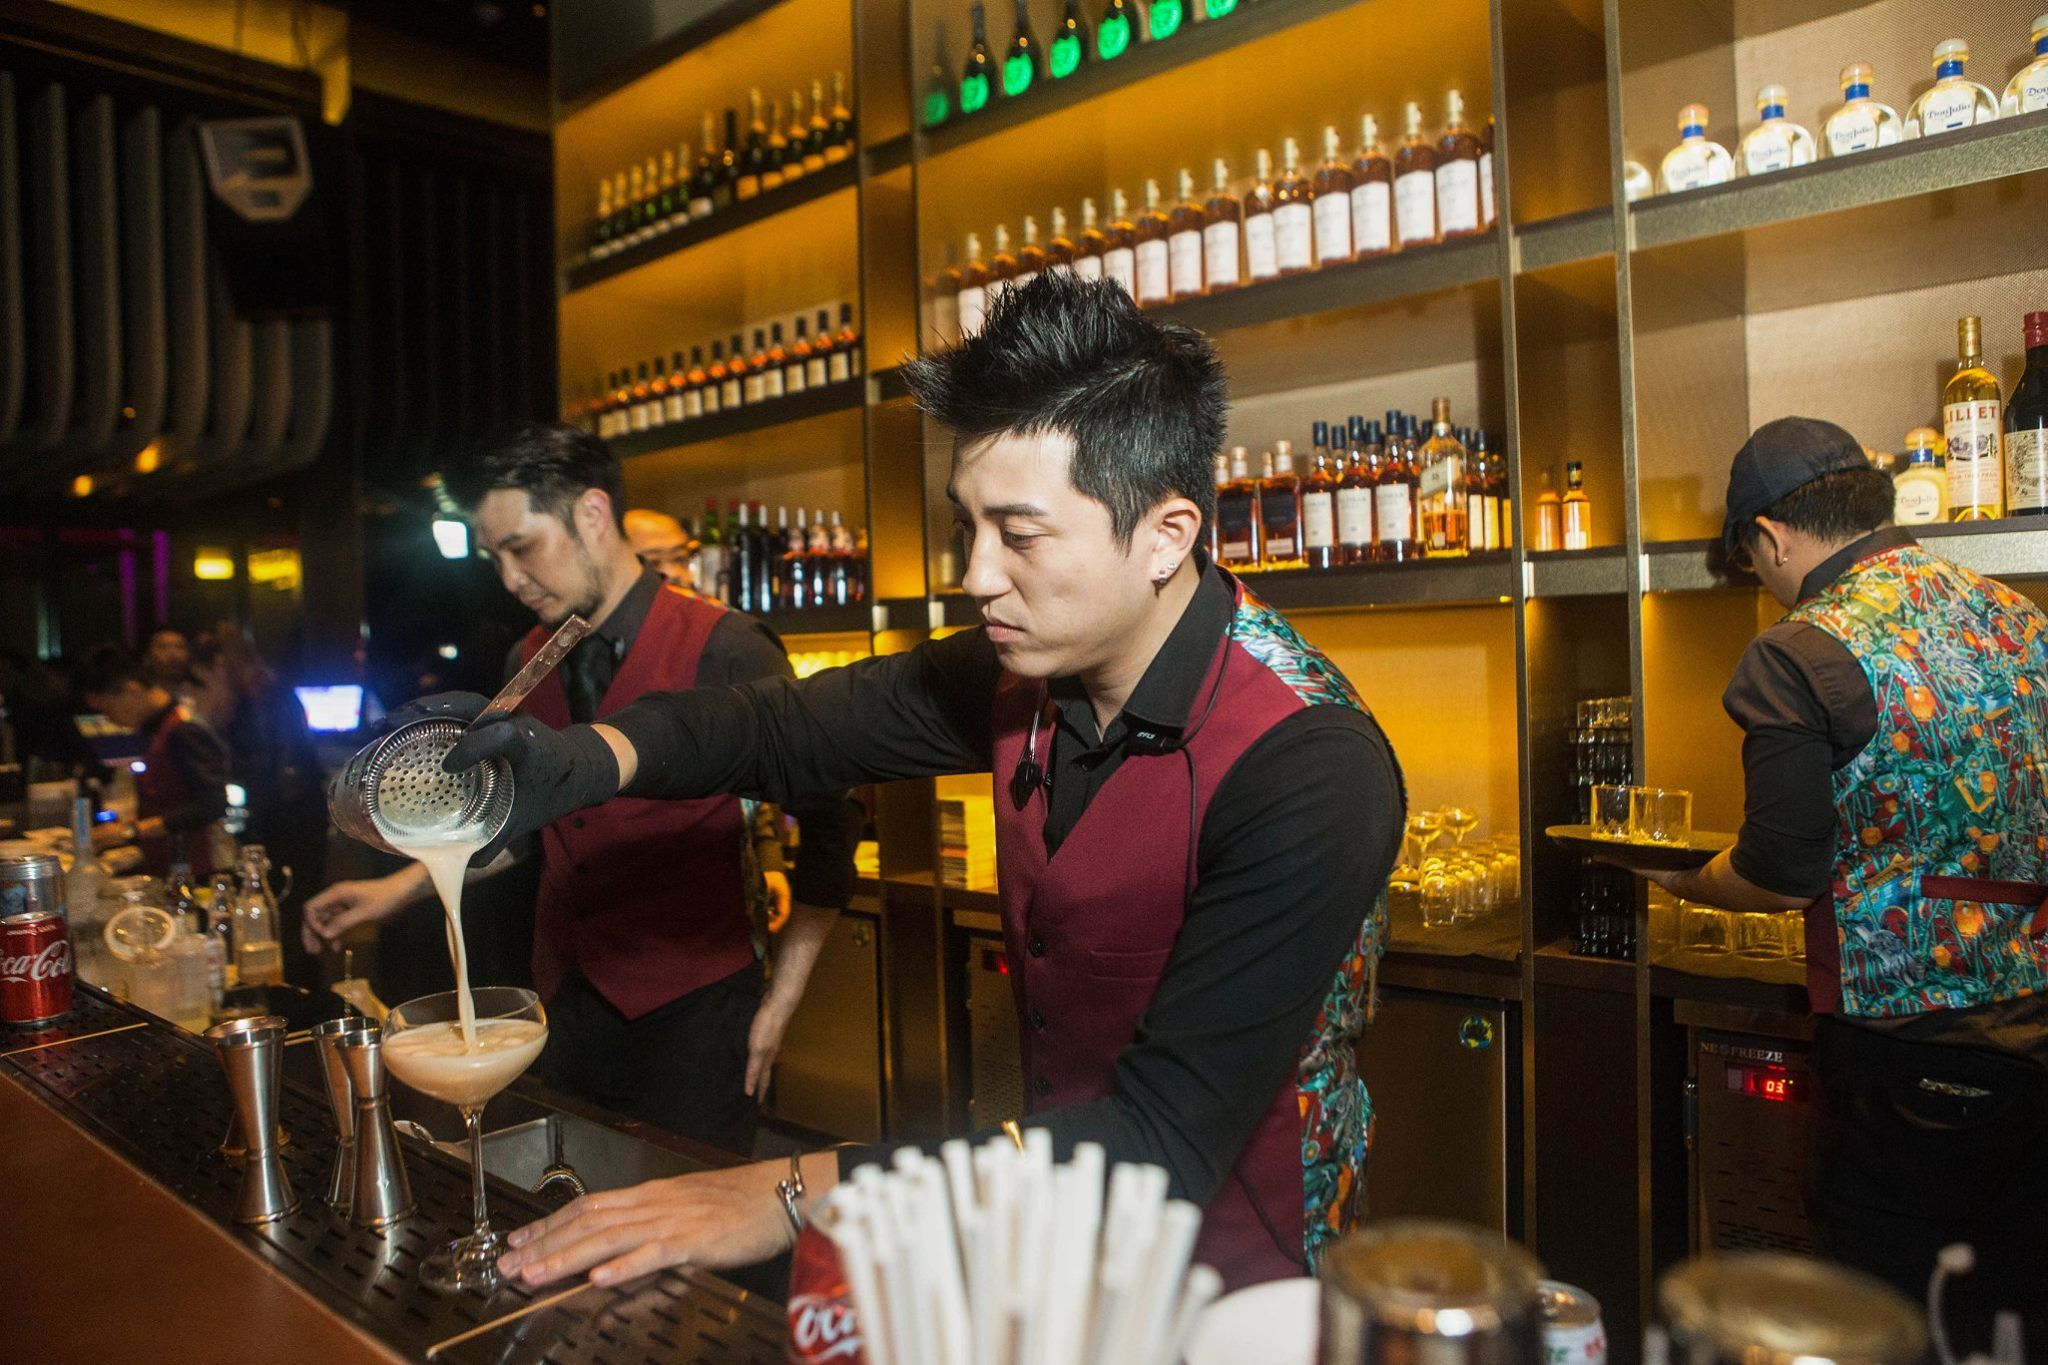 CÉ LA VI高空酒吧